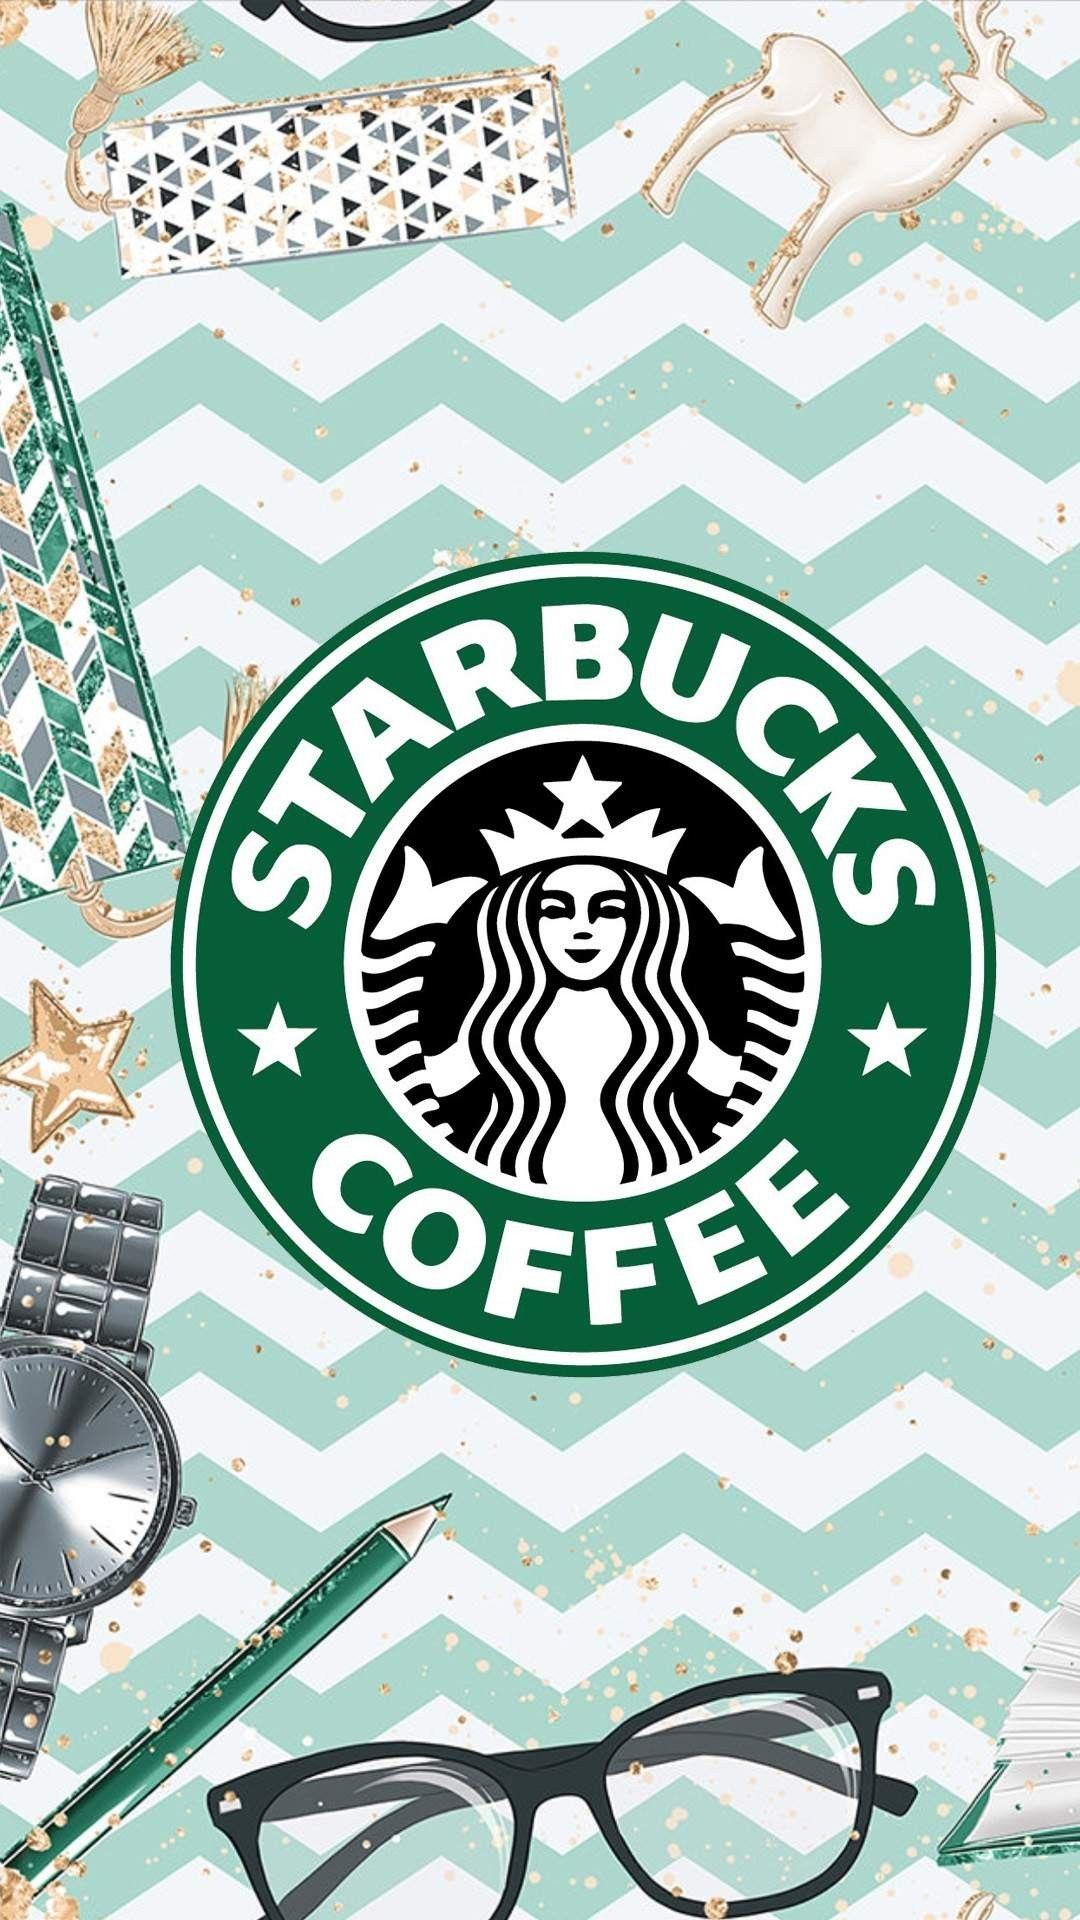 Starbucks Illustration Background Wallpaper キャラクター 壁紙